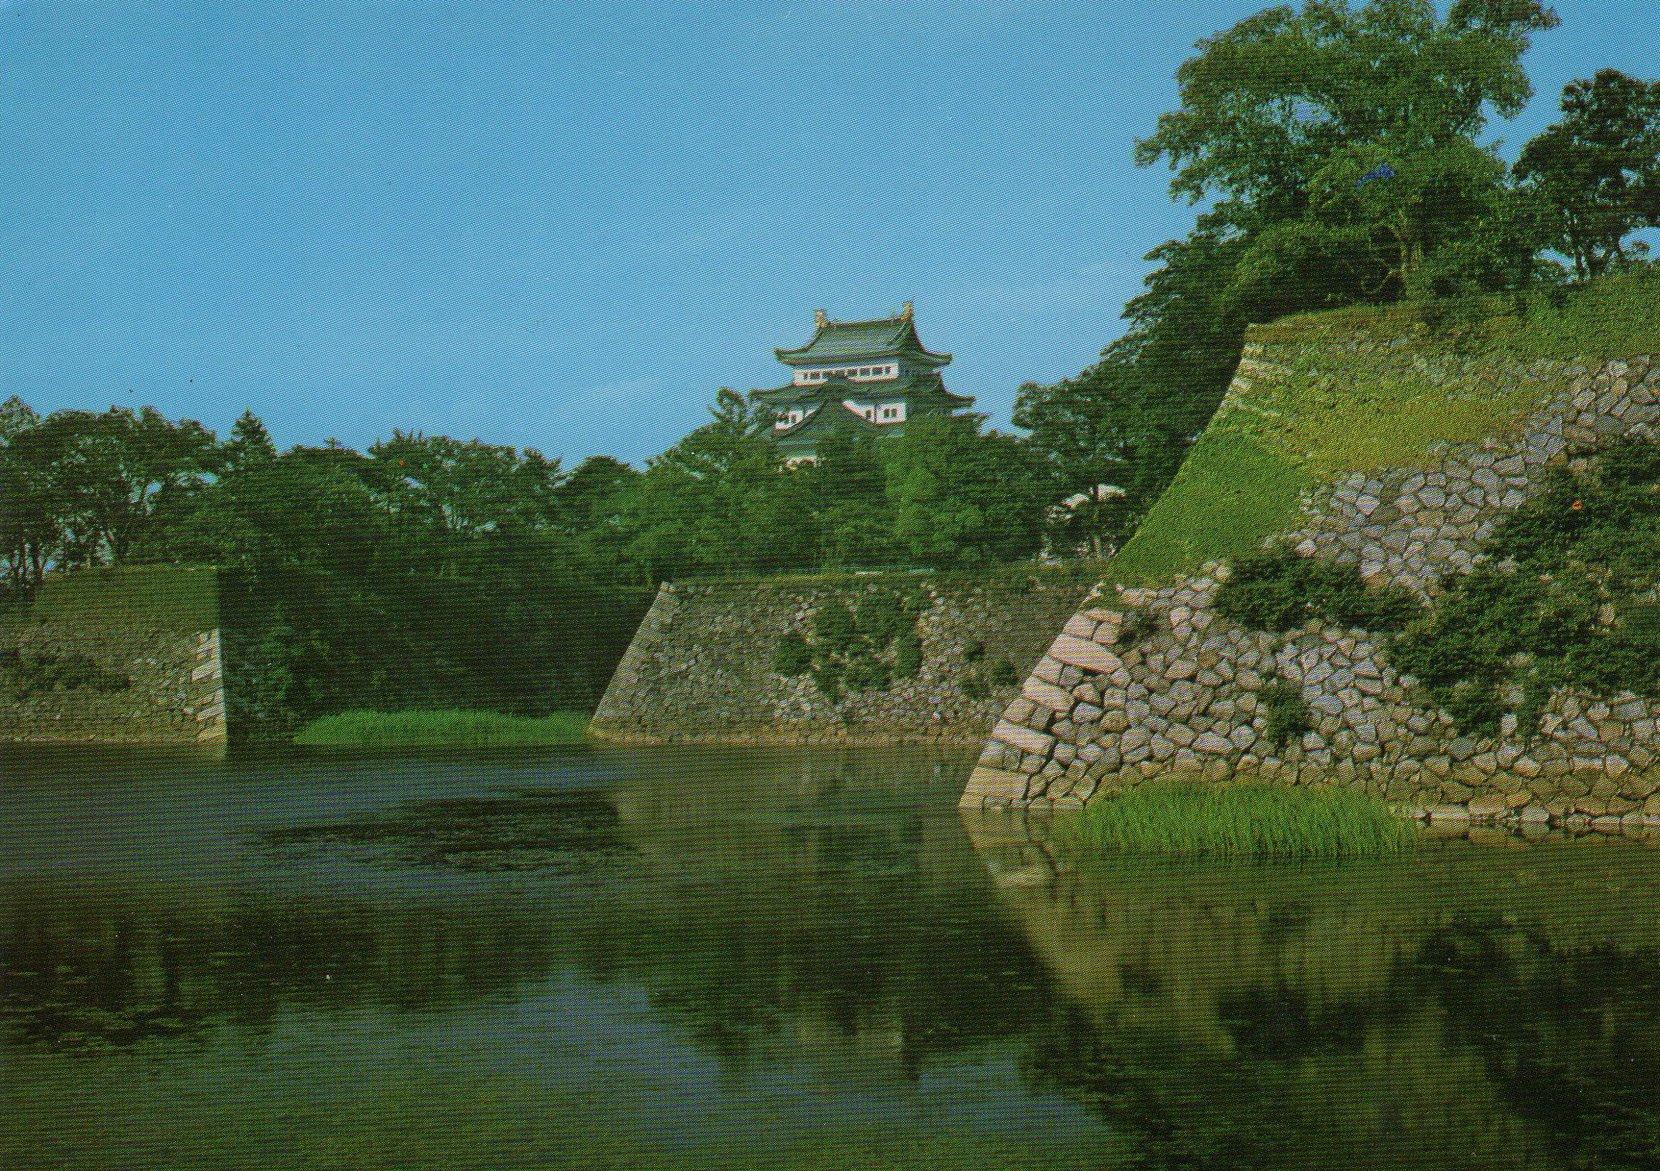 nagoya castle donjon (japan ) postcards standard – printed card